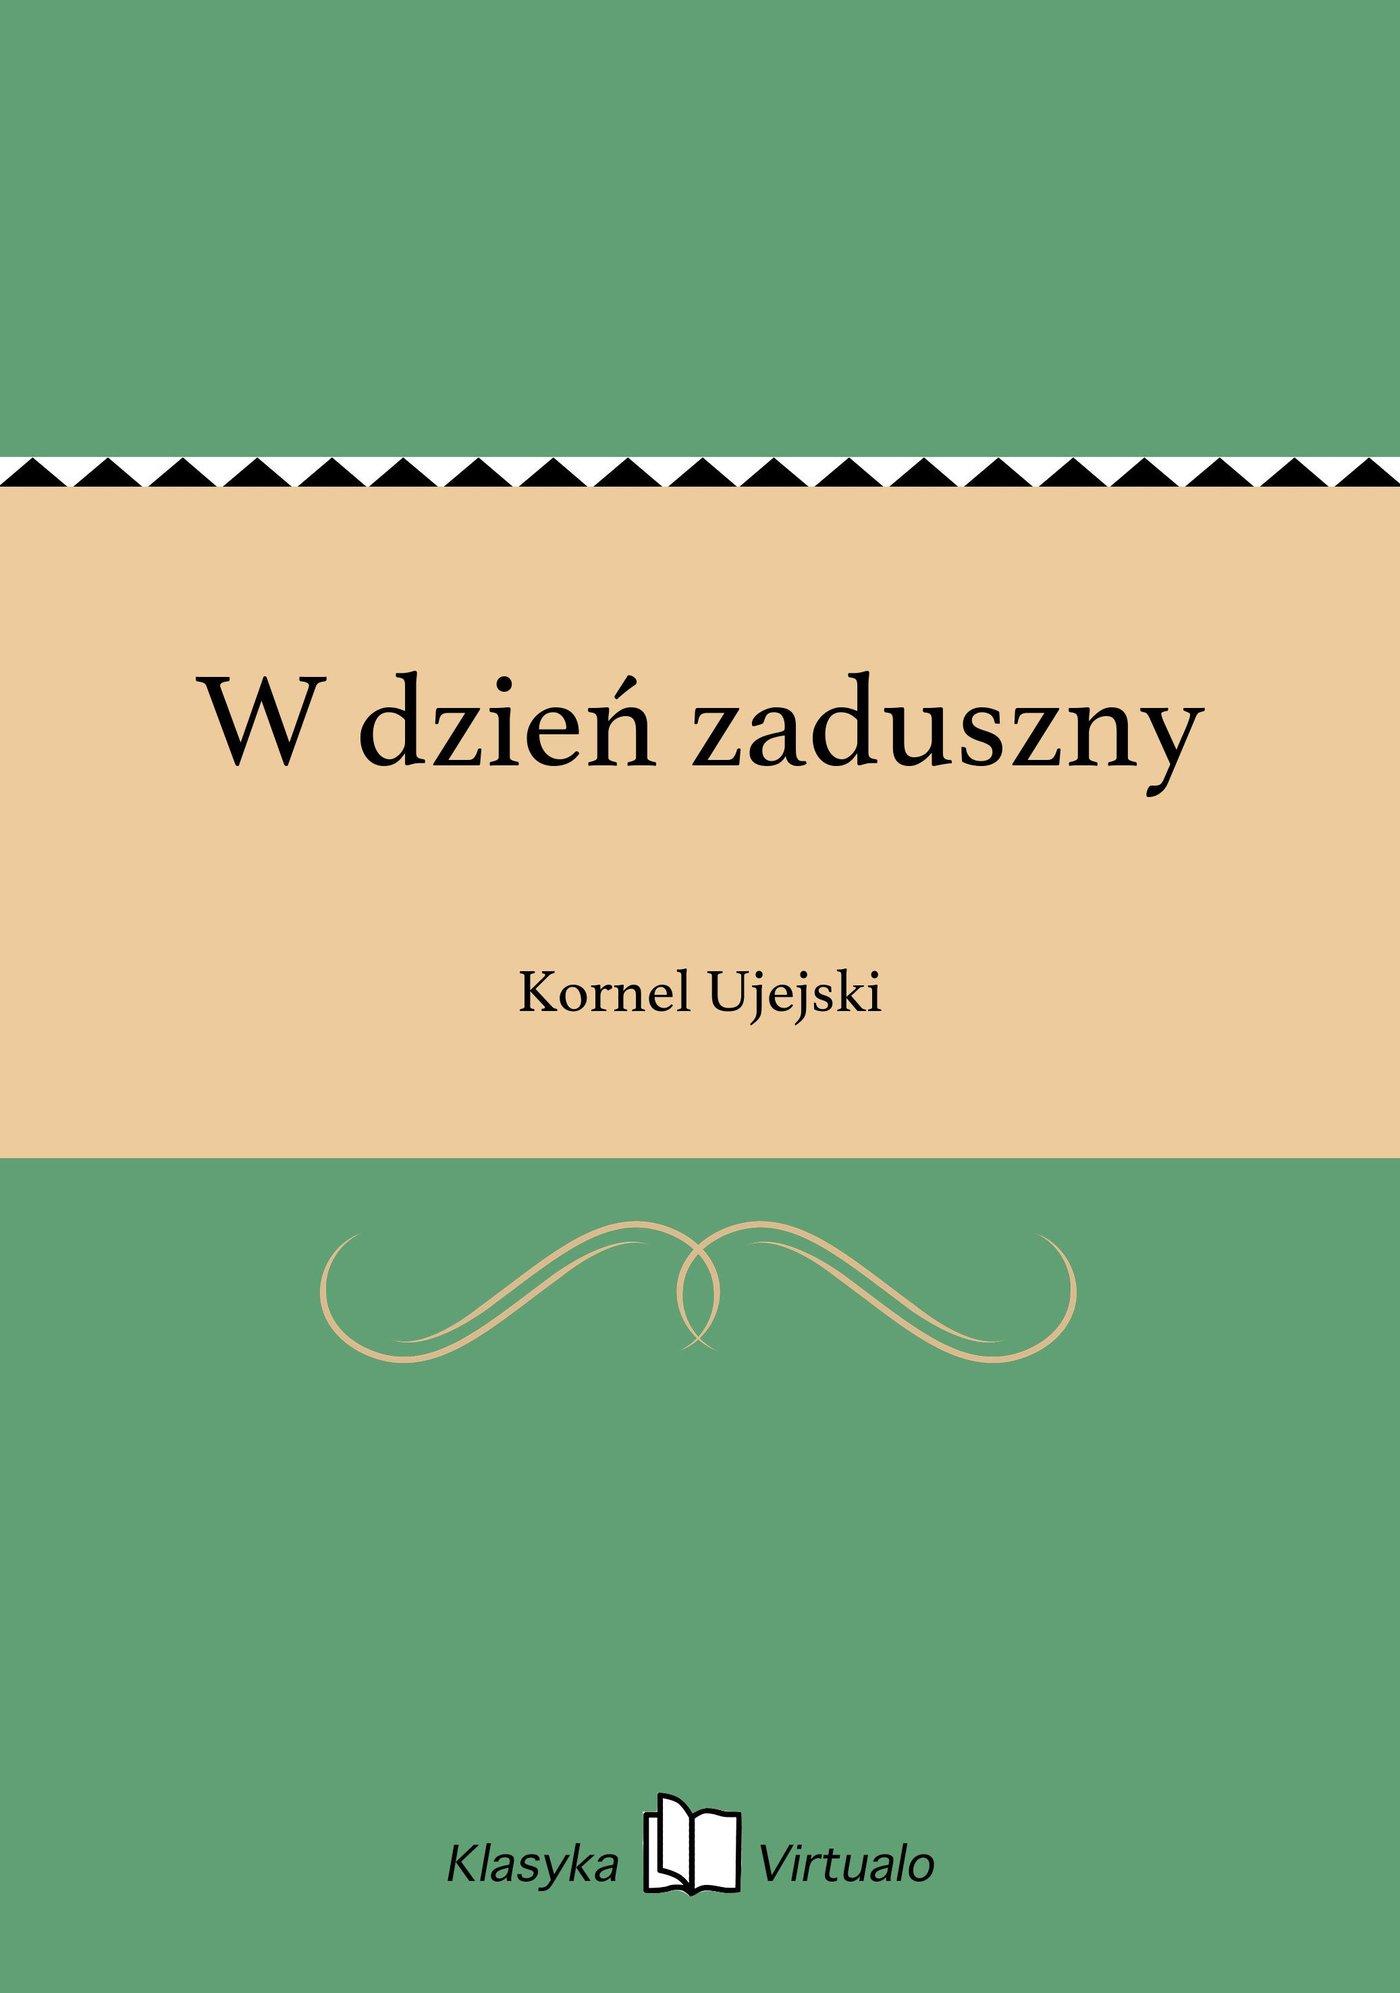 W dzień zaduszny - Ebook (Książka na Kindle) do pobrania w formacie MOBI